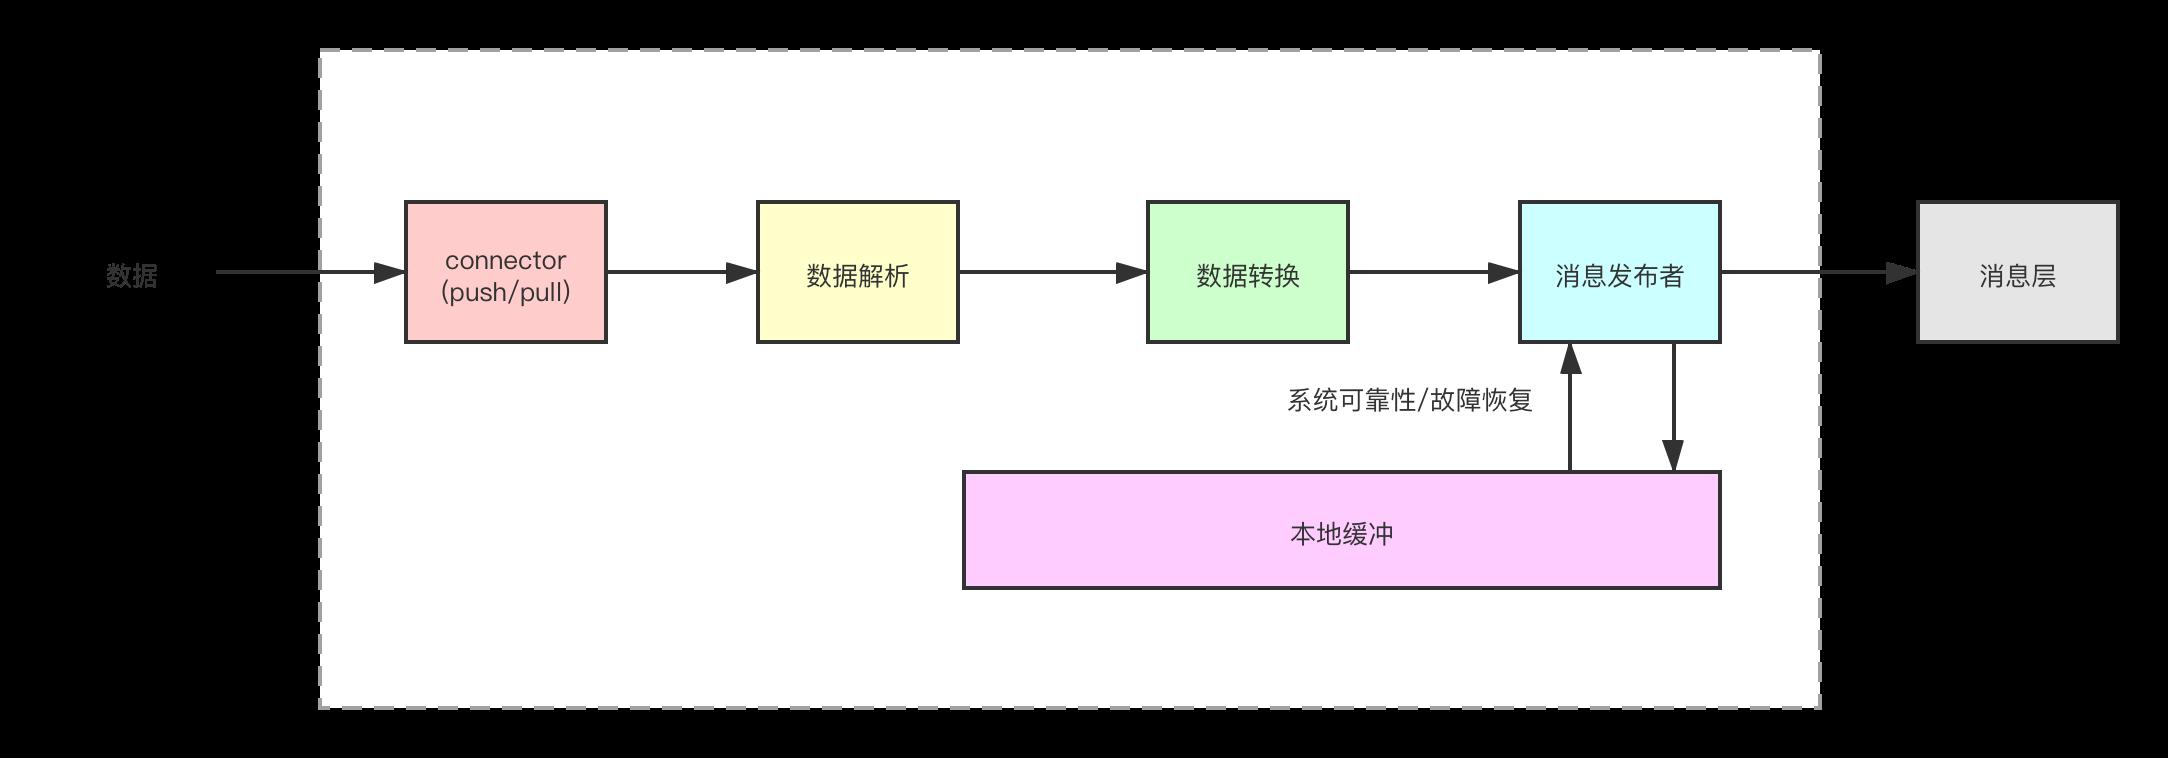 数据获取层组件设计